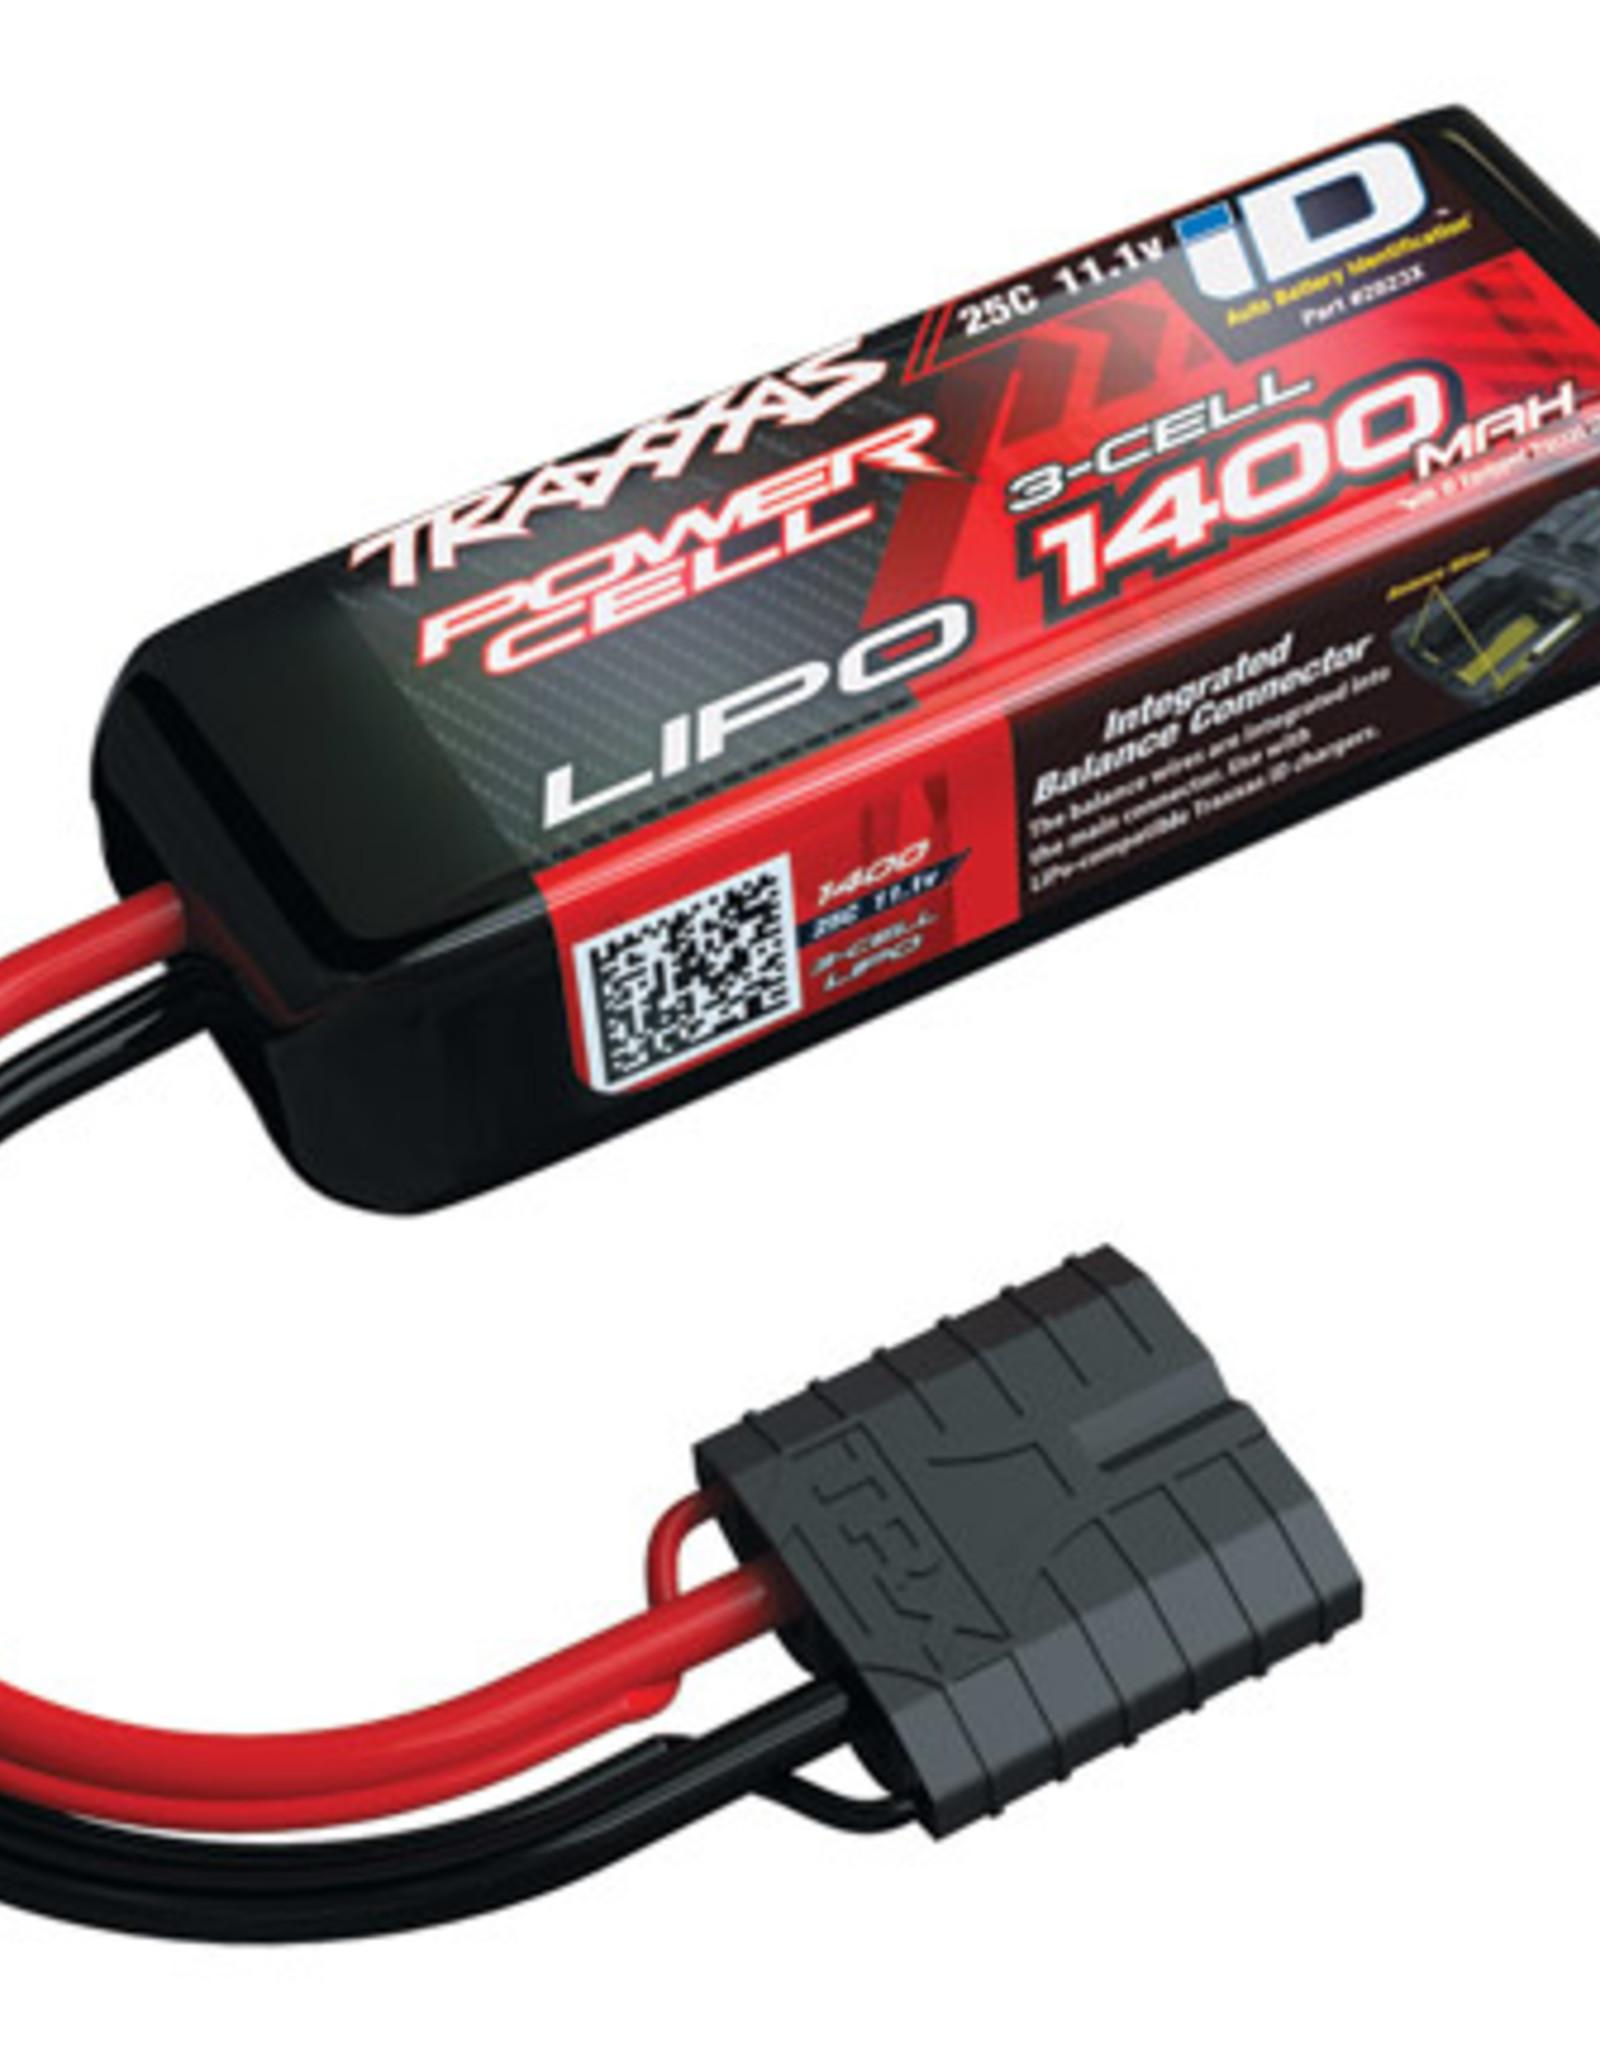 Traxxas Traxxas LiPo Battery: 3S, 1400mAh, 25C, TraID